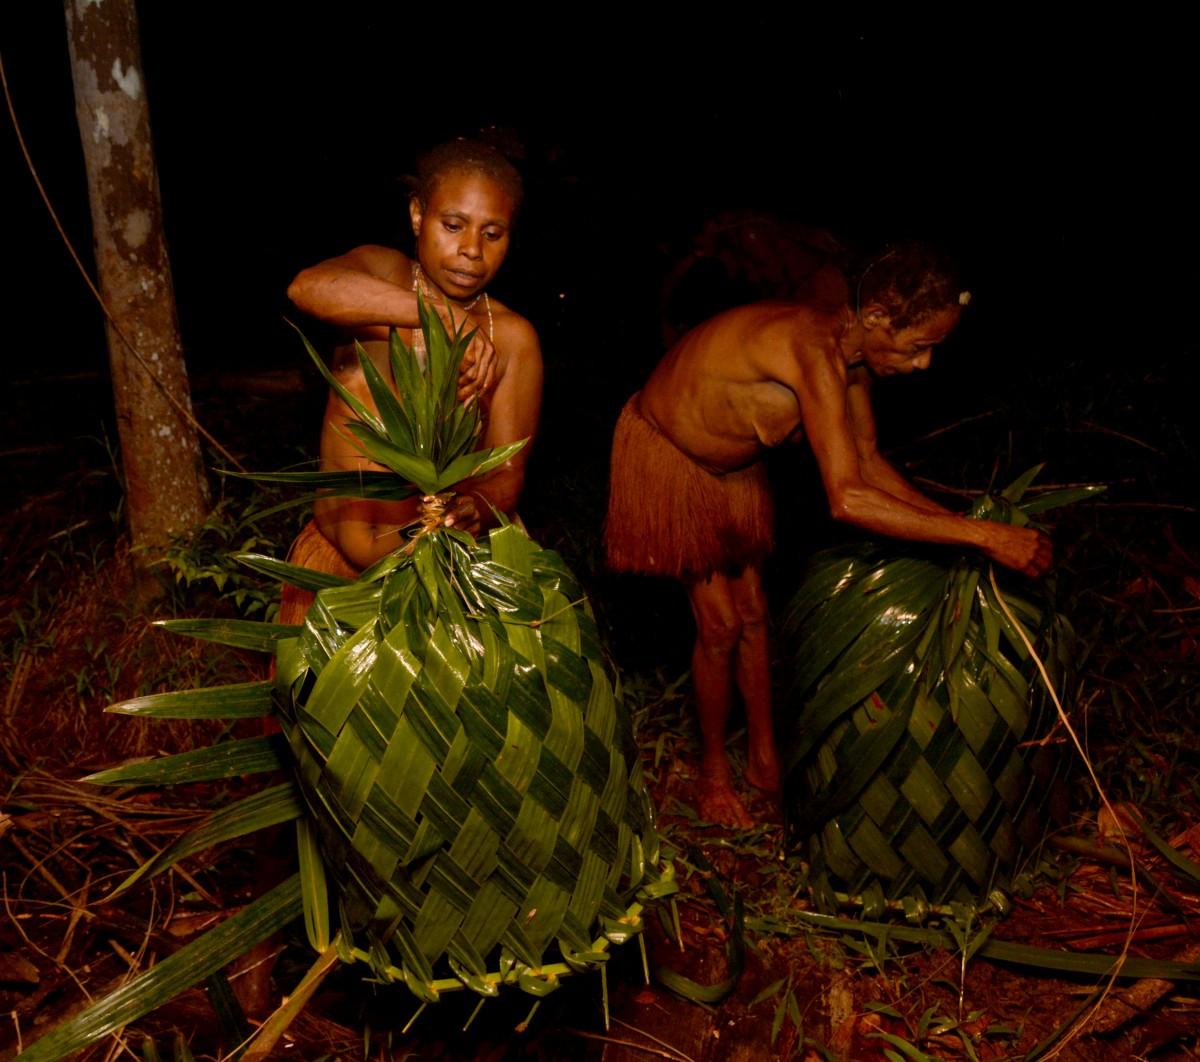 """Zdjęcia: dwa dni marszu od wioski Mabul, las deszczowy, Papua Zachodnia, Korowajki przy """"sieciach"""", PAPUA NOWA GWINEA"""